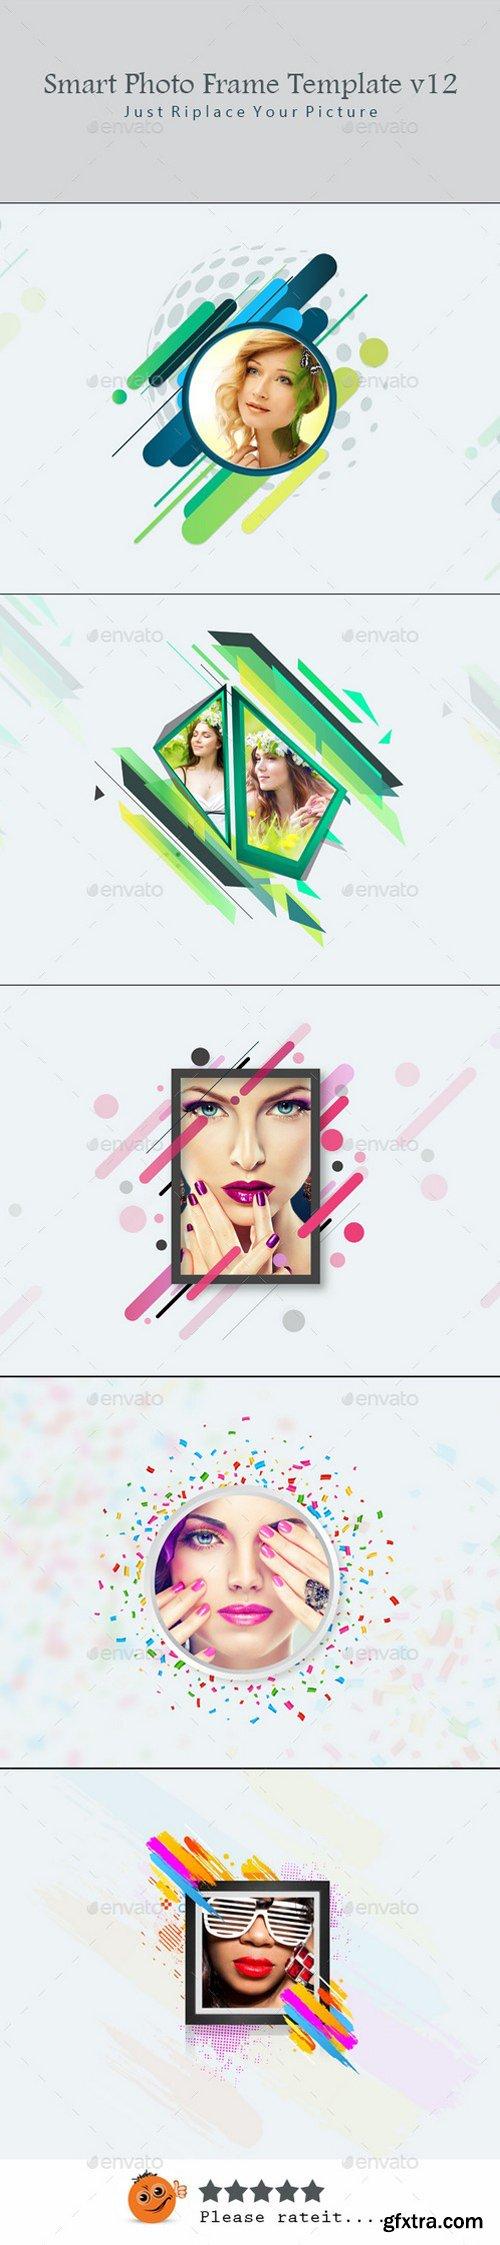 Graphicriver - 21955134 Smart Photo Frame Template V12